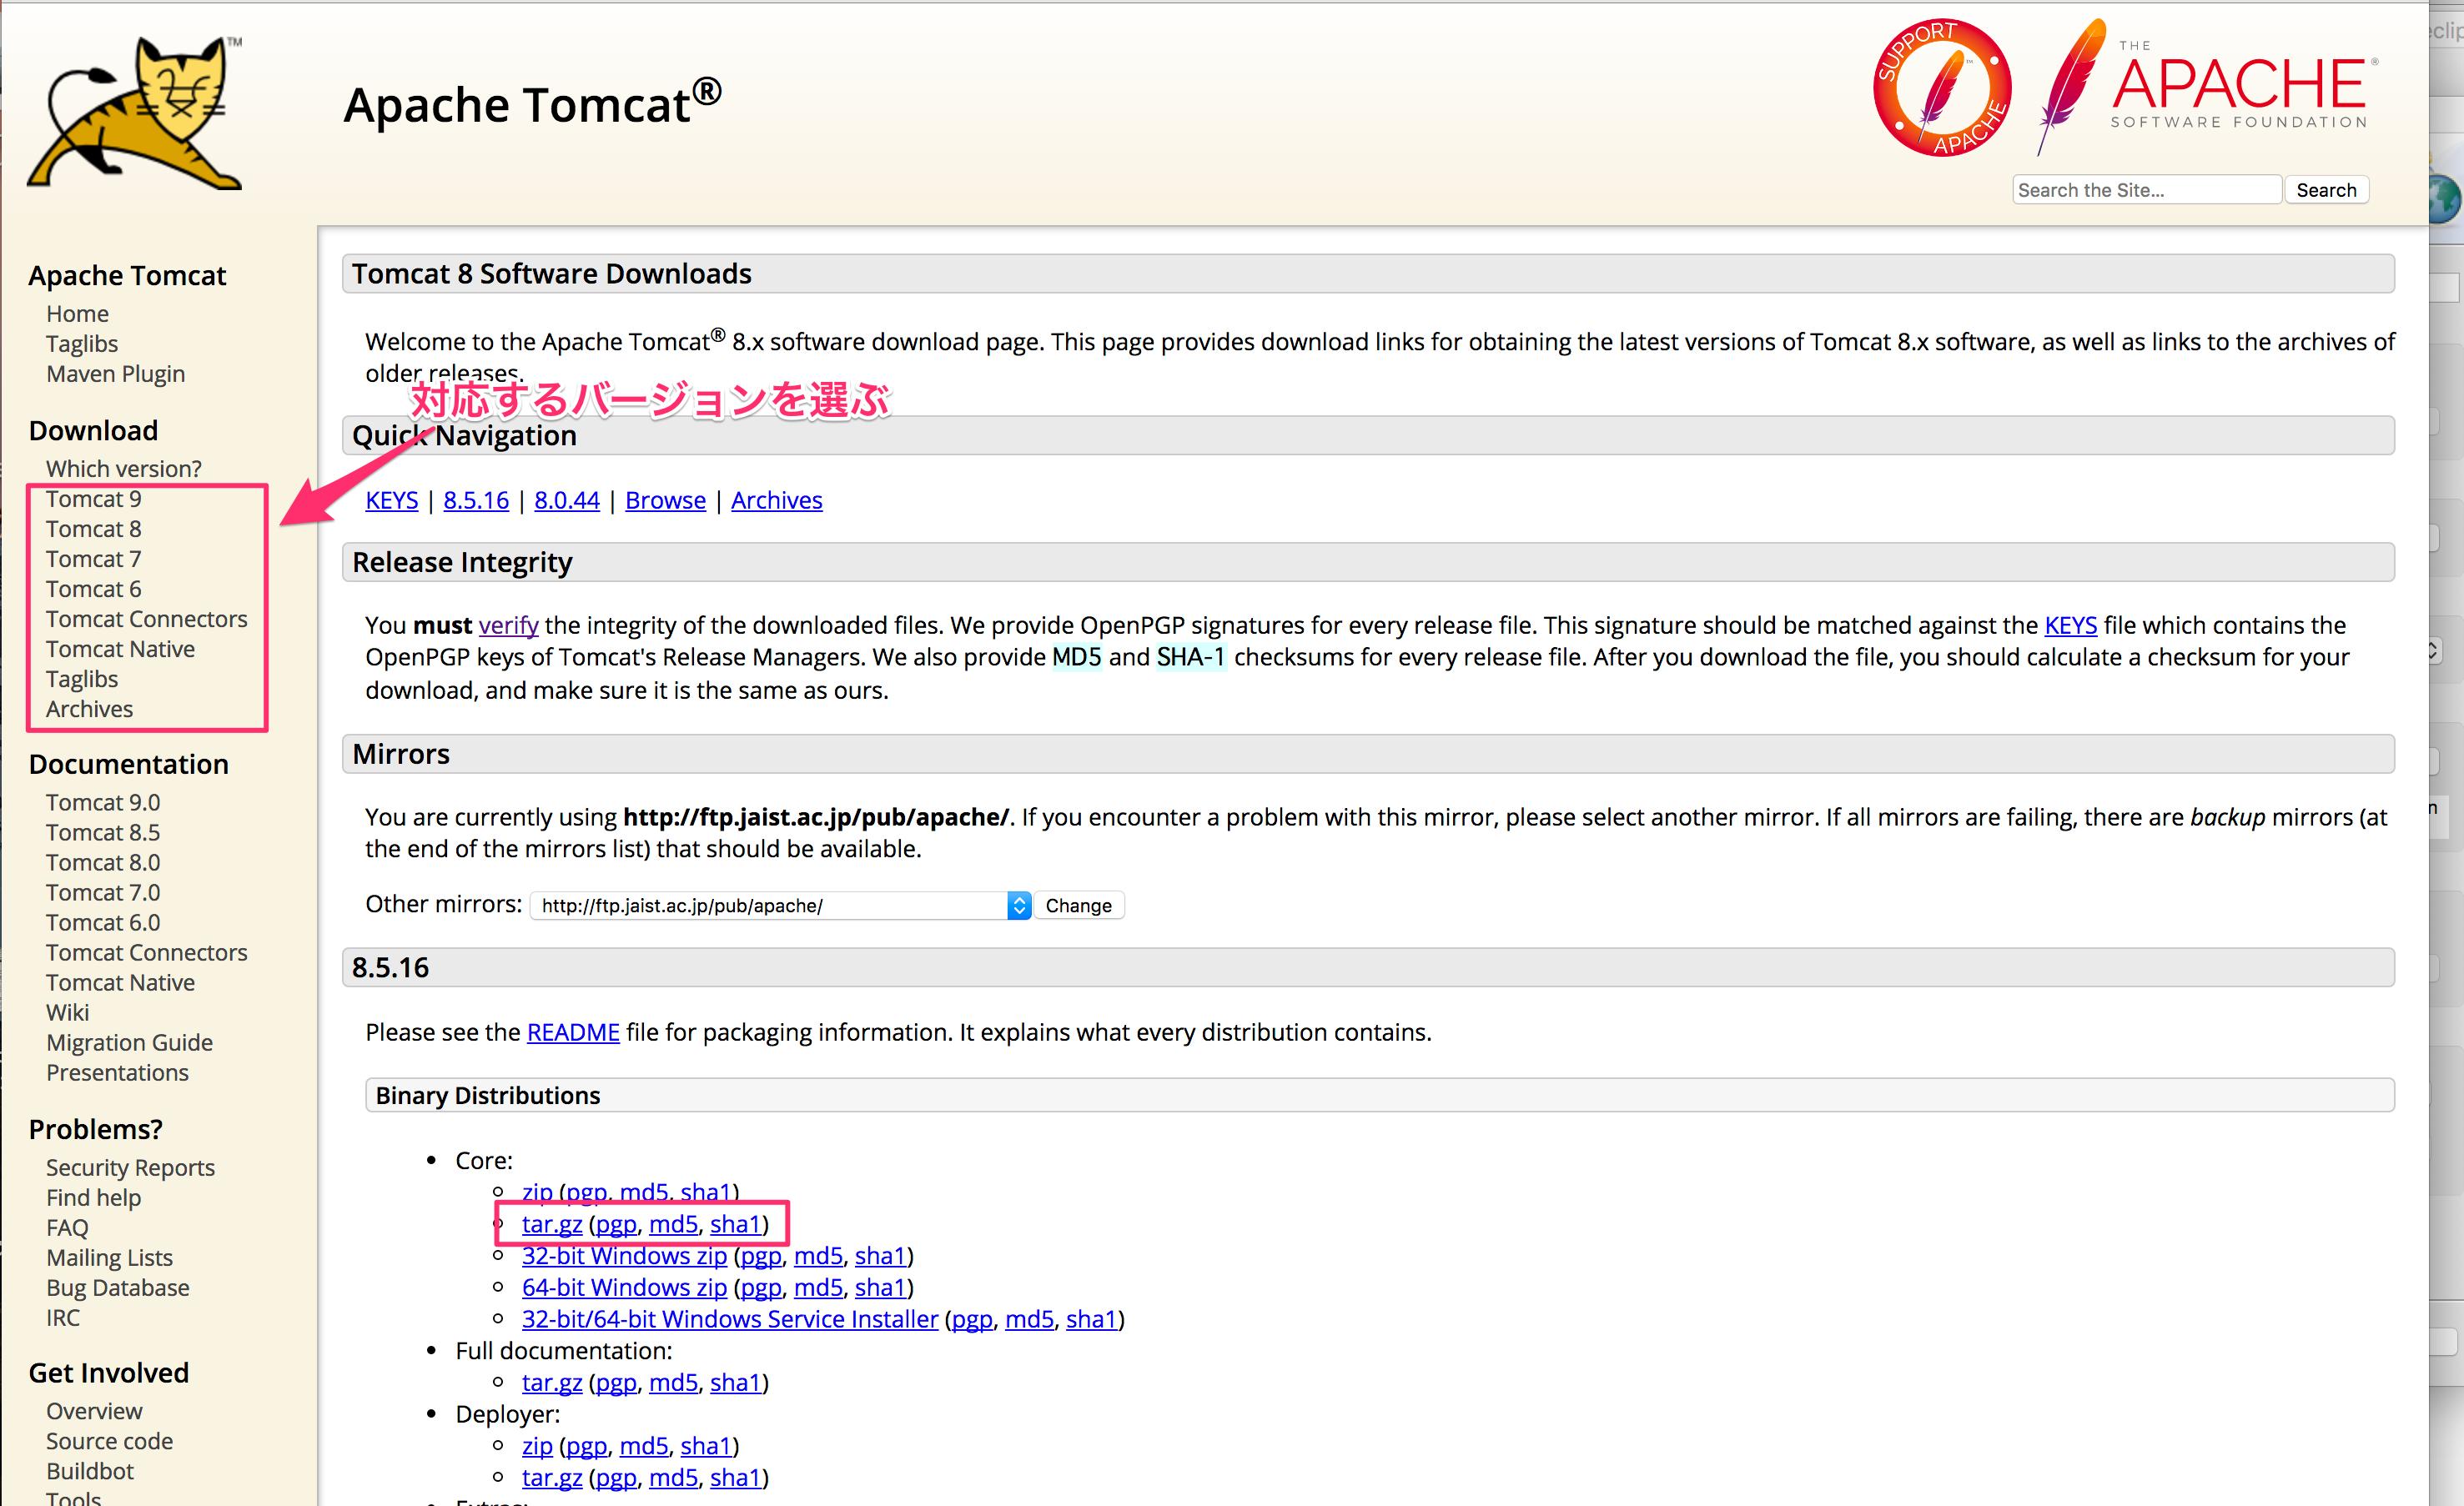 【Eclipse/Tomcat/Mac/】EclipseでTomcatを設定する方法(for Mac)